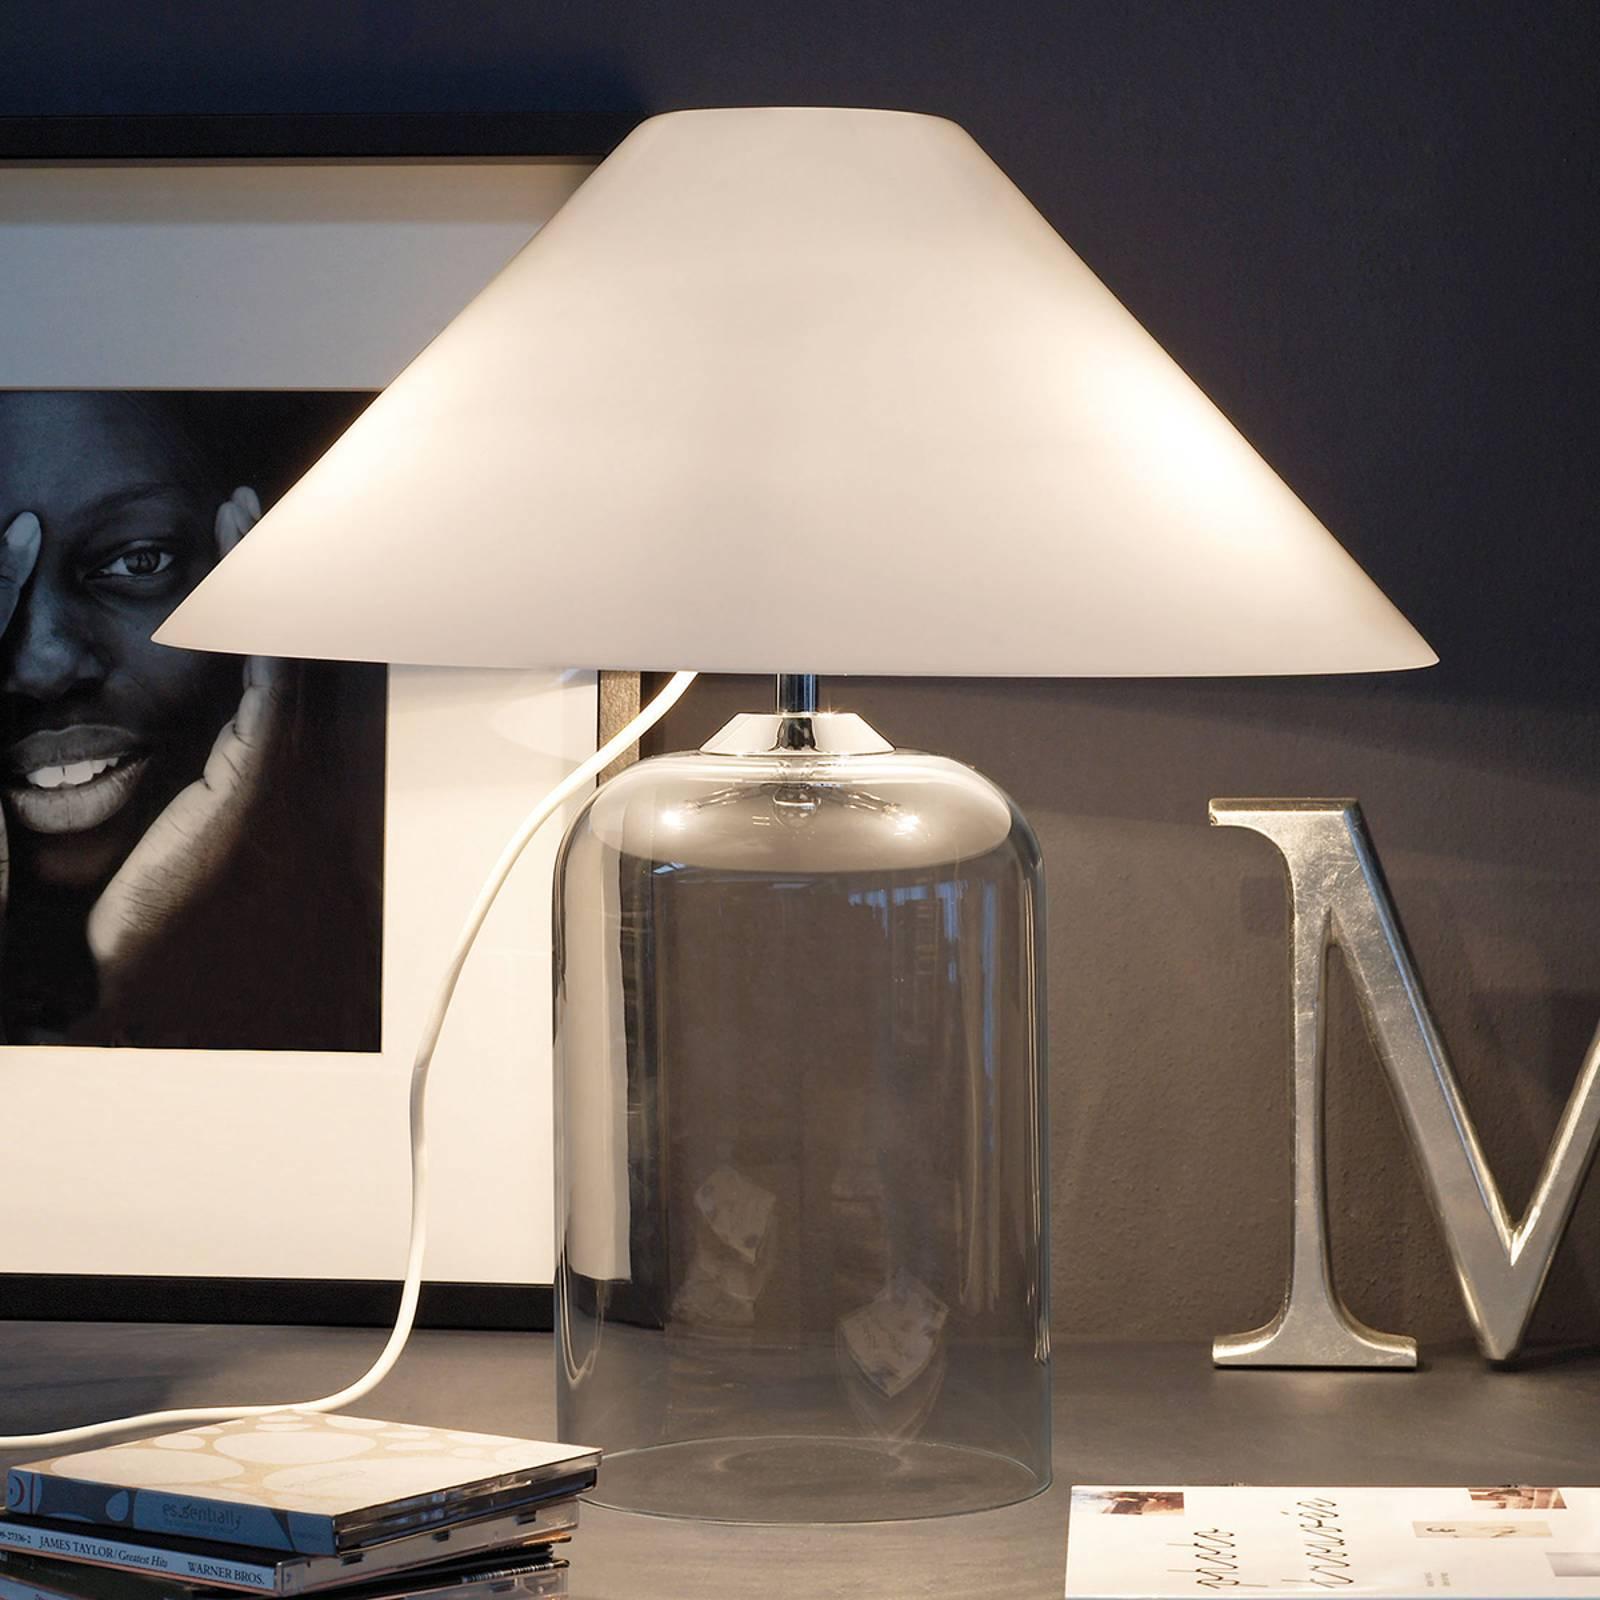 nachttischlampen und andere lampen von vistosi online. Black Bedroom Furniture Sets. Home Design Ideas